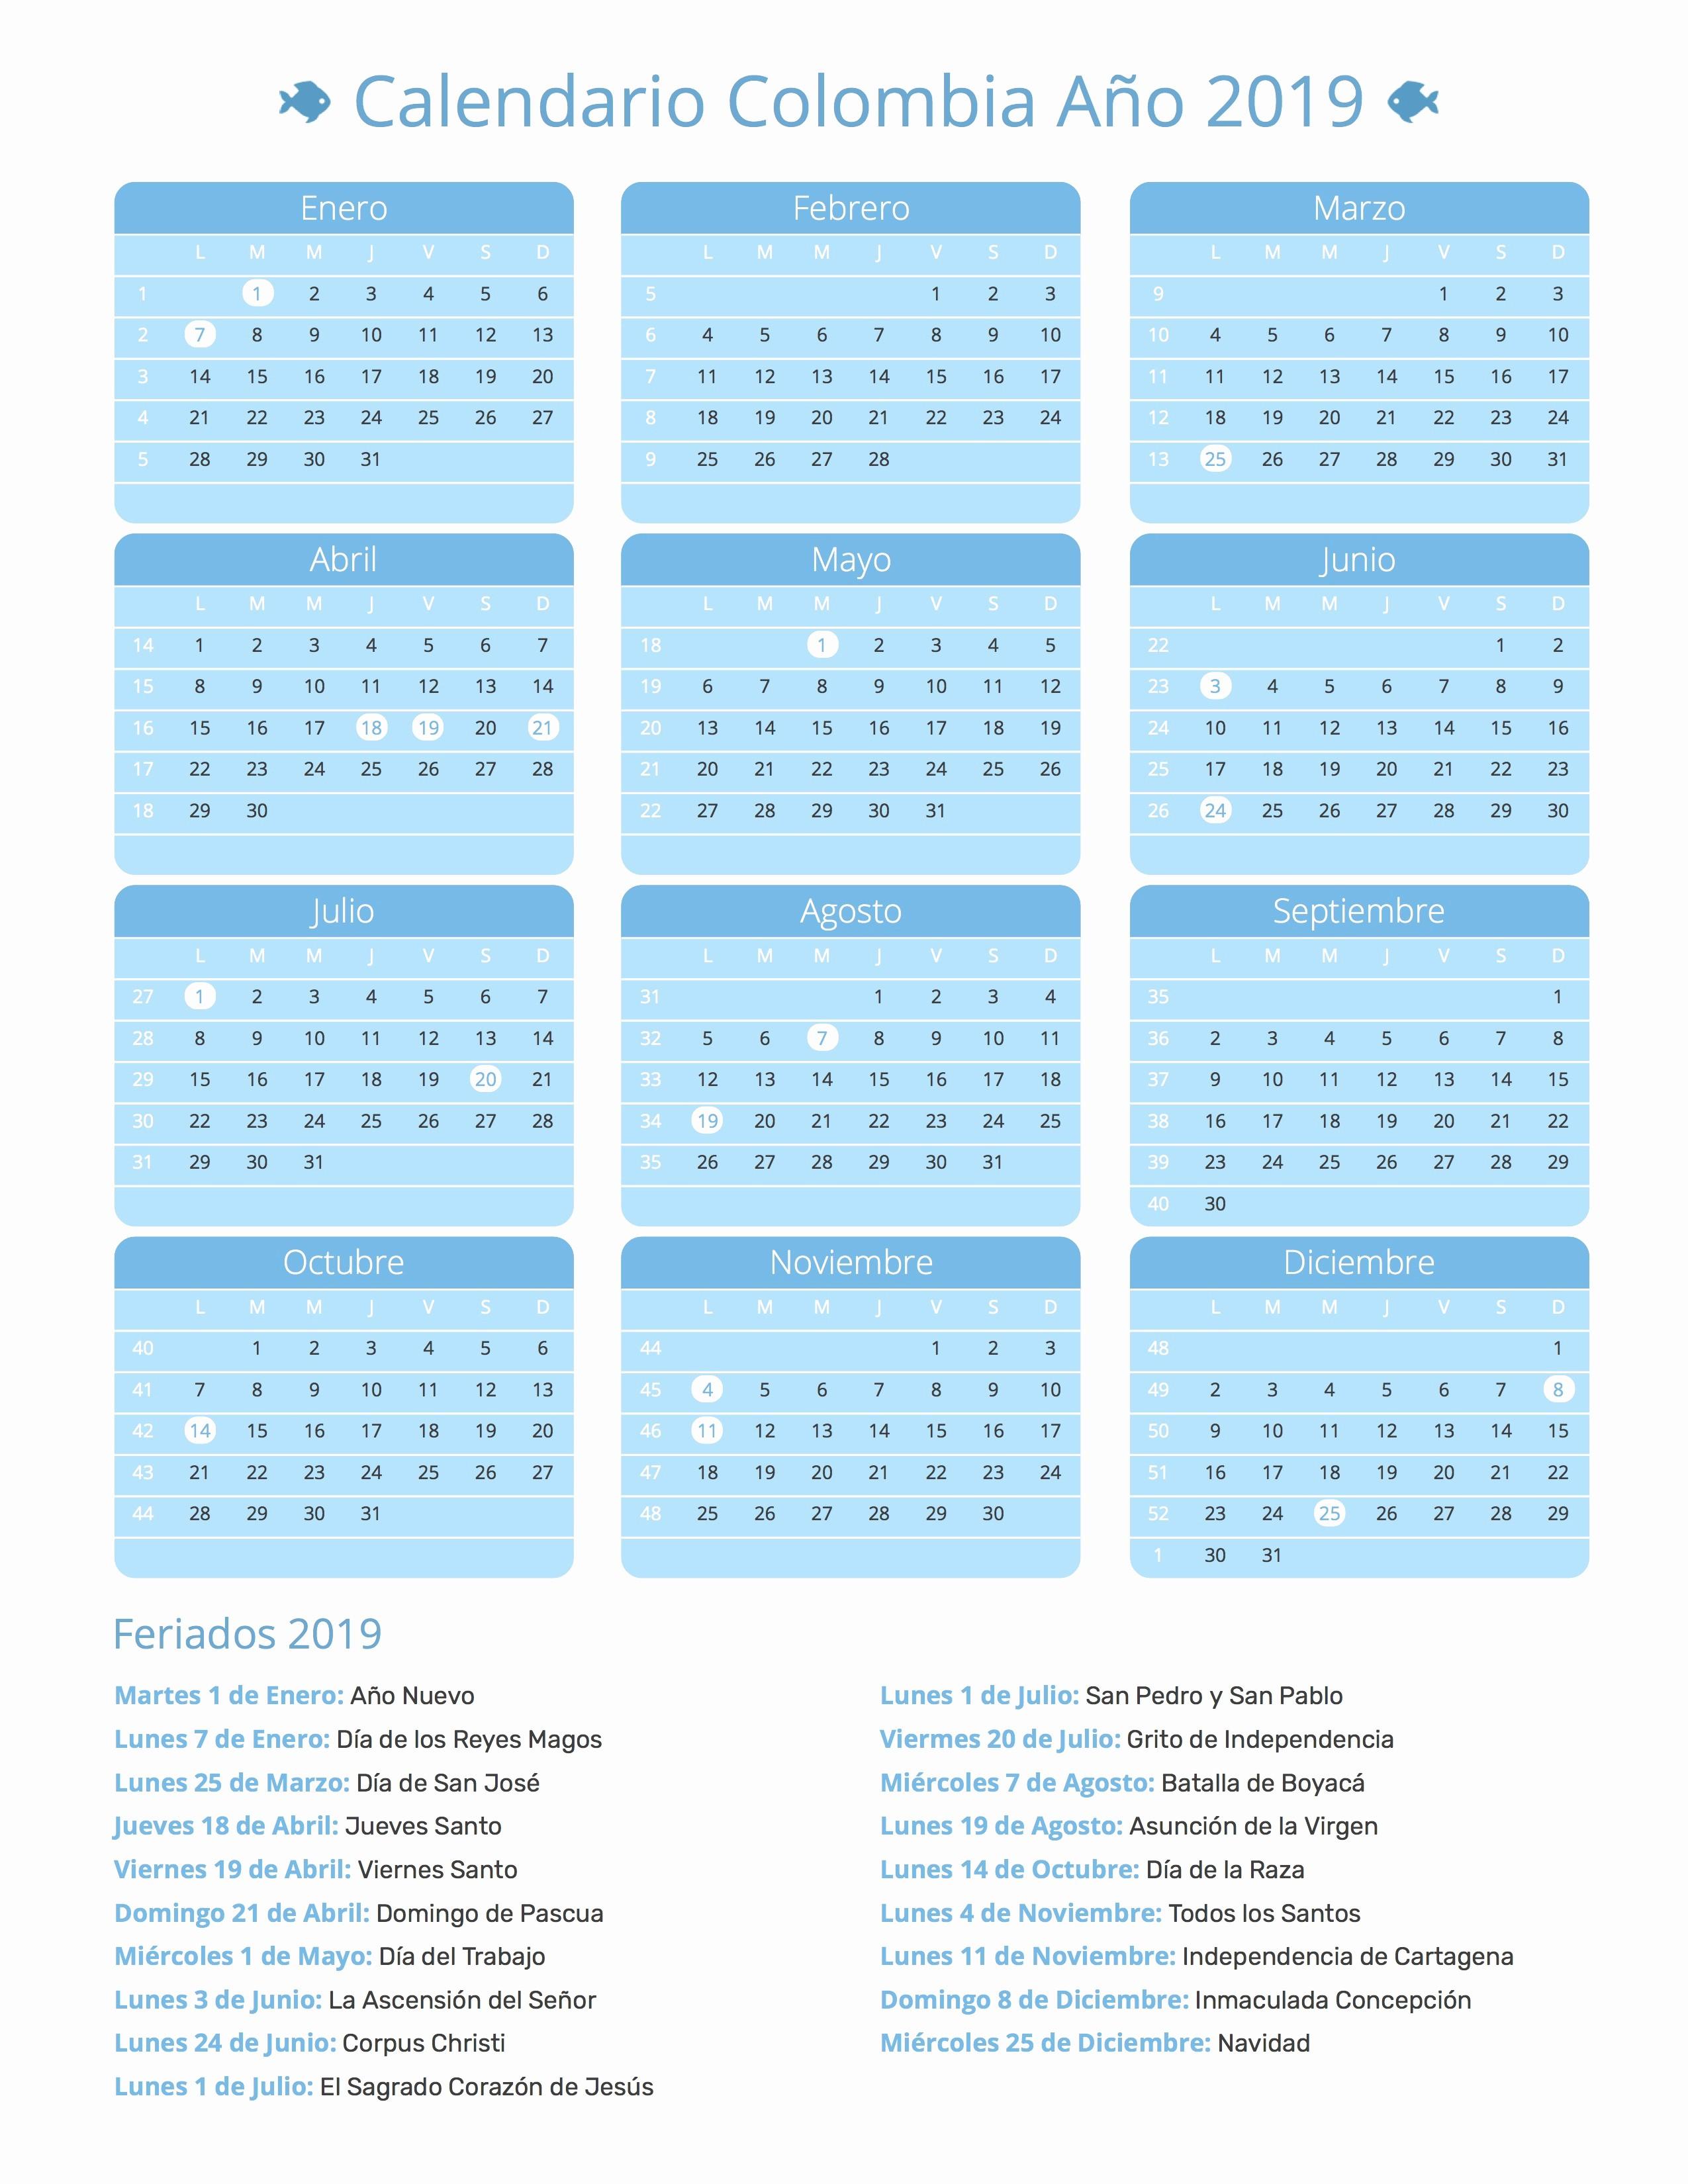 Calendario Colombia 2019 Para Imprimir Pdf Actual Beautiful 33 Ejemplos Runedia Calendario De Carreras 2019 Of Calendario Colombia 2019 Para Imprimir Pdf Recientes Observar Calendario Para Imprimir 2019 Pdf